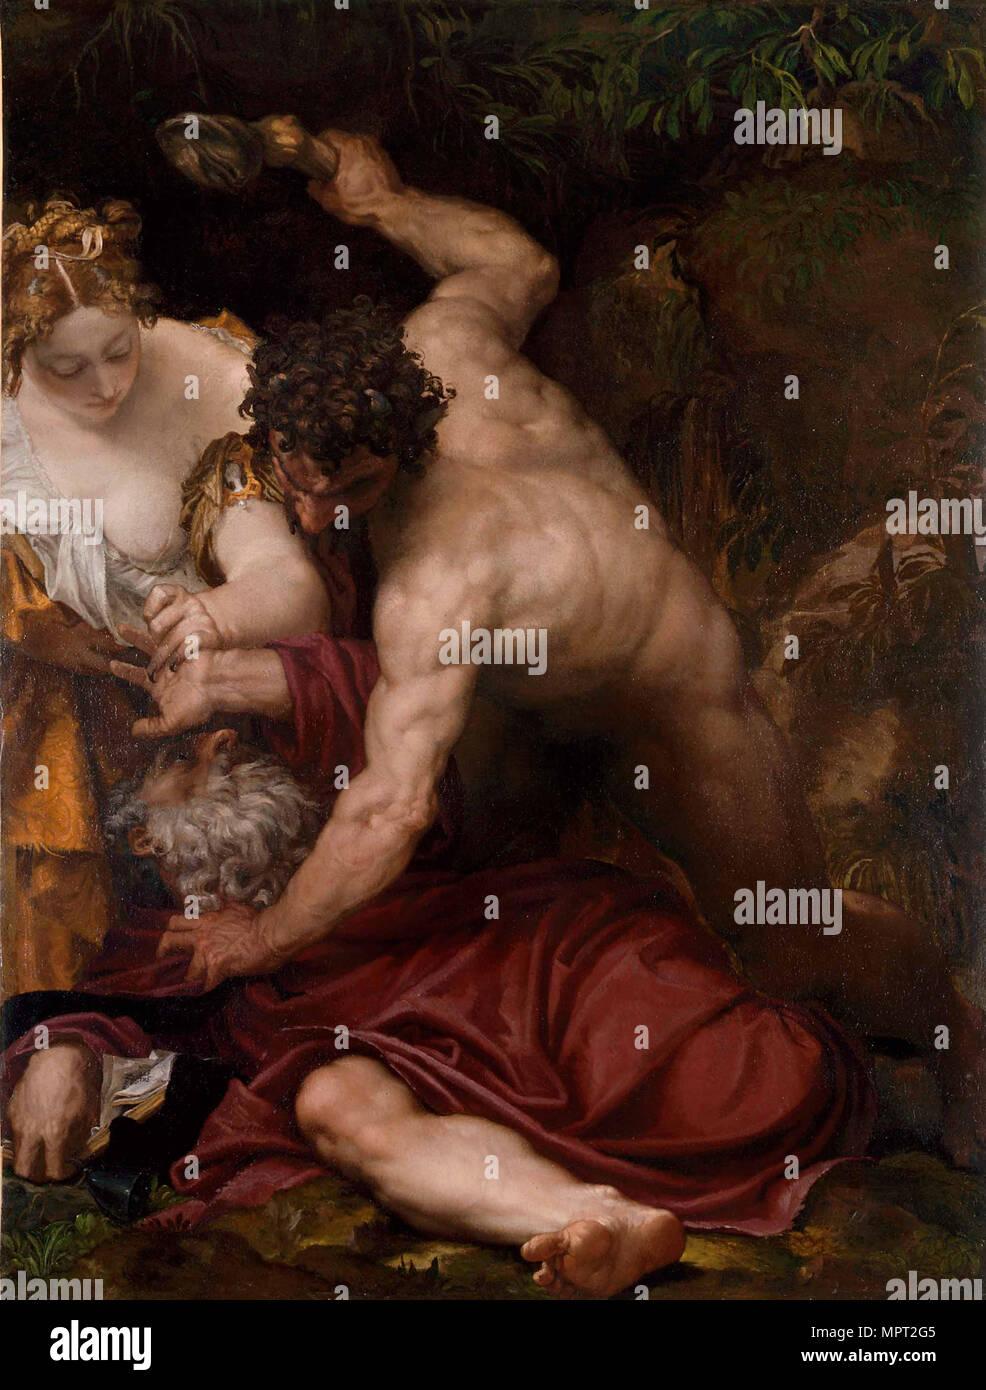 La Tentation de Saint Antoine, 1552-1553. Photo Stock